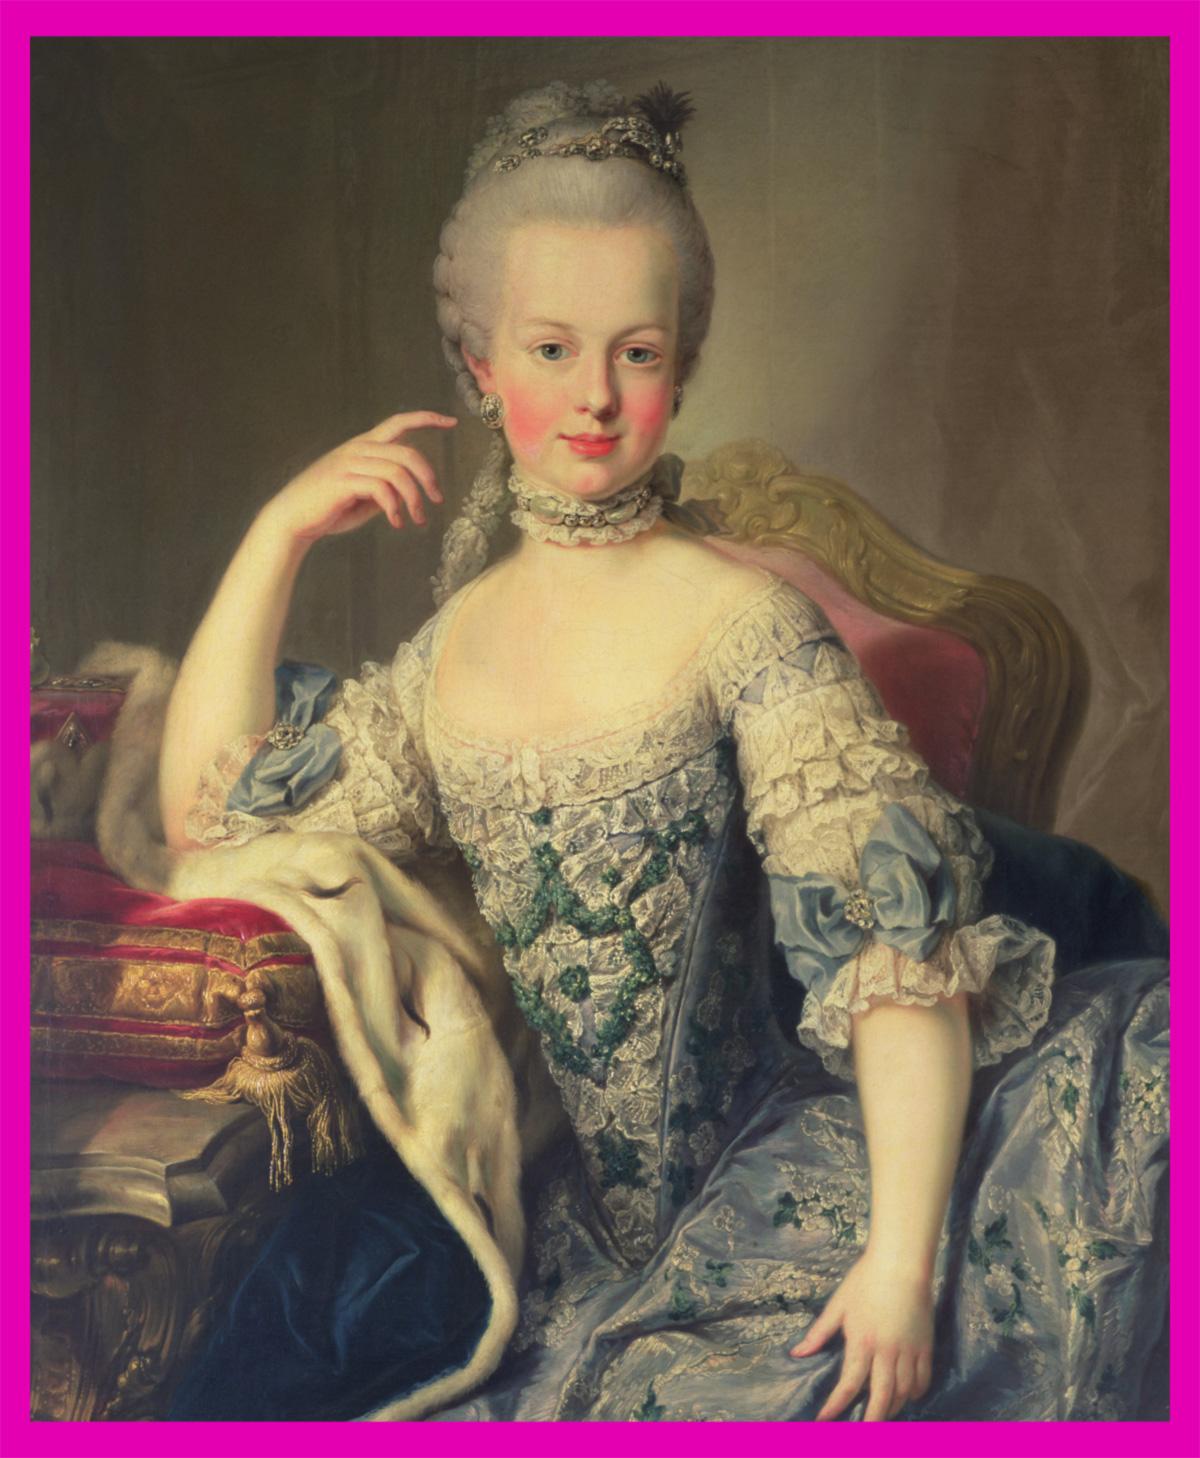 Sete anos depois de casada com Luis XVI, Maria Antonieta seguia virgem: o rei tinha ereções, introduzia o membro e deixava-o <i>lá</i>, imóvel, por dois minutos, retirava-o sem ejacular e dava boa noite à rainha